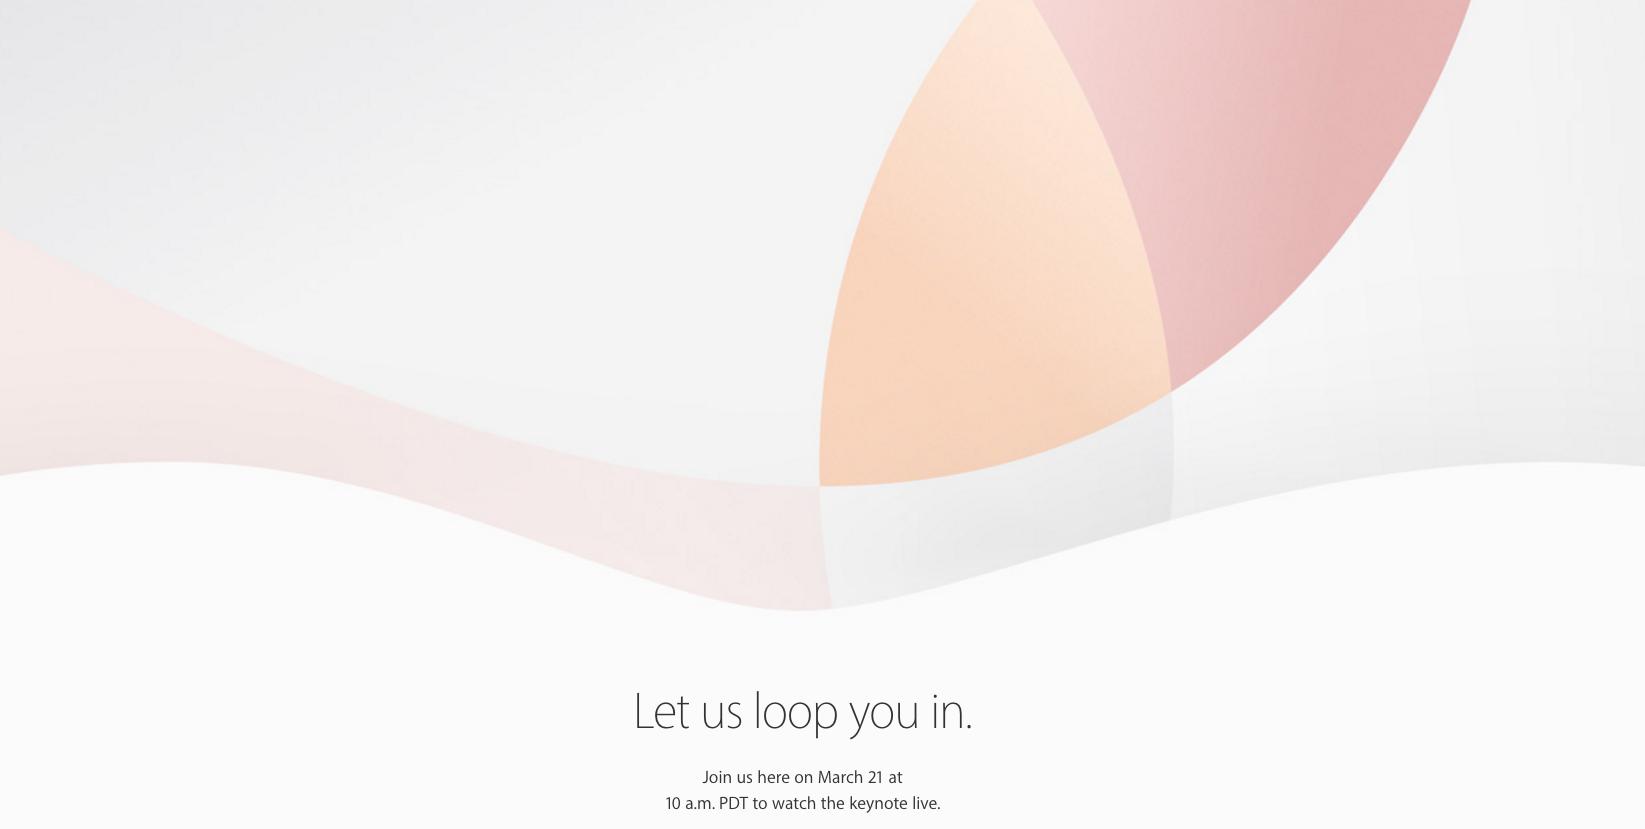 Apple_Keynote_21_March_2016